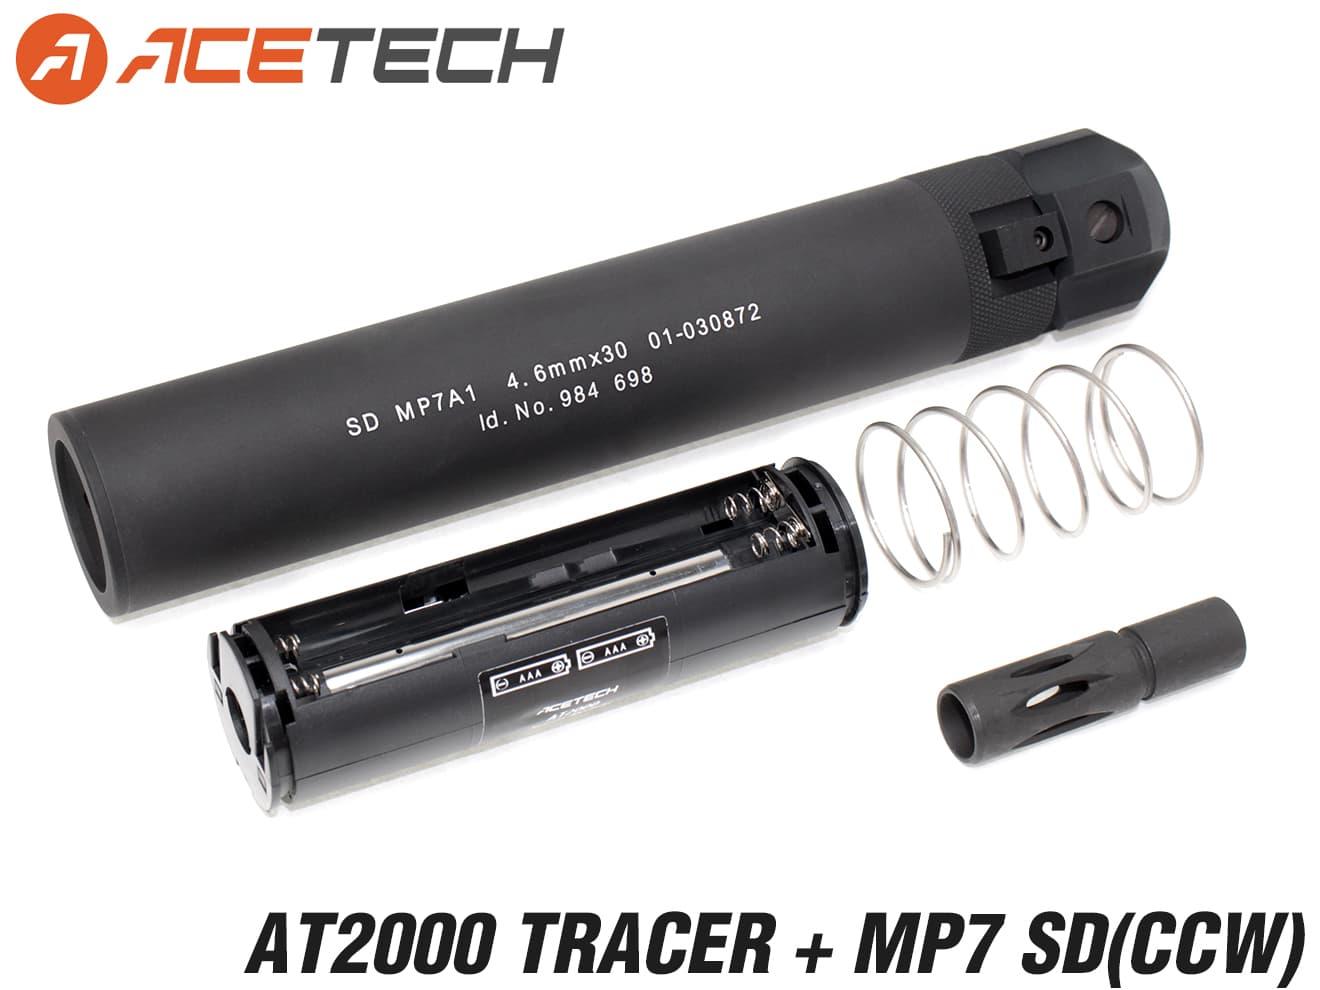 90日保証&日本語取説付 ACETECH AT2000 スーパーシャイン フルオートトレーサー w/ MP7タイプ サイレンサー(マルイ)◆12mm逆ネジ対応